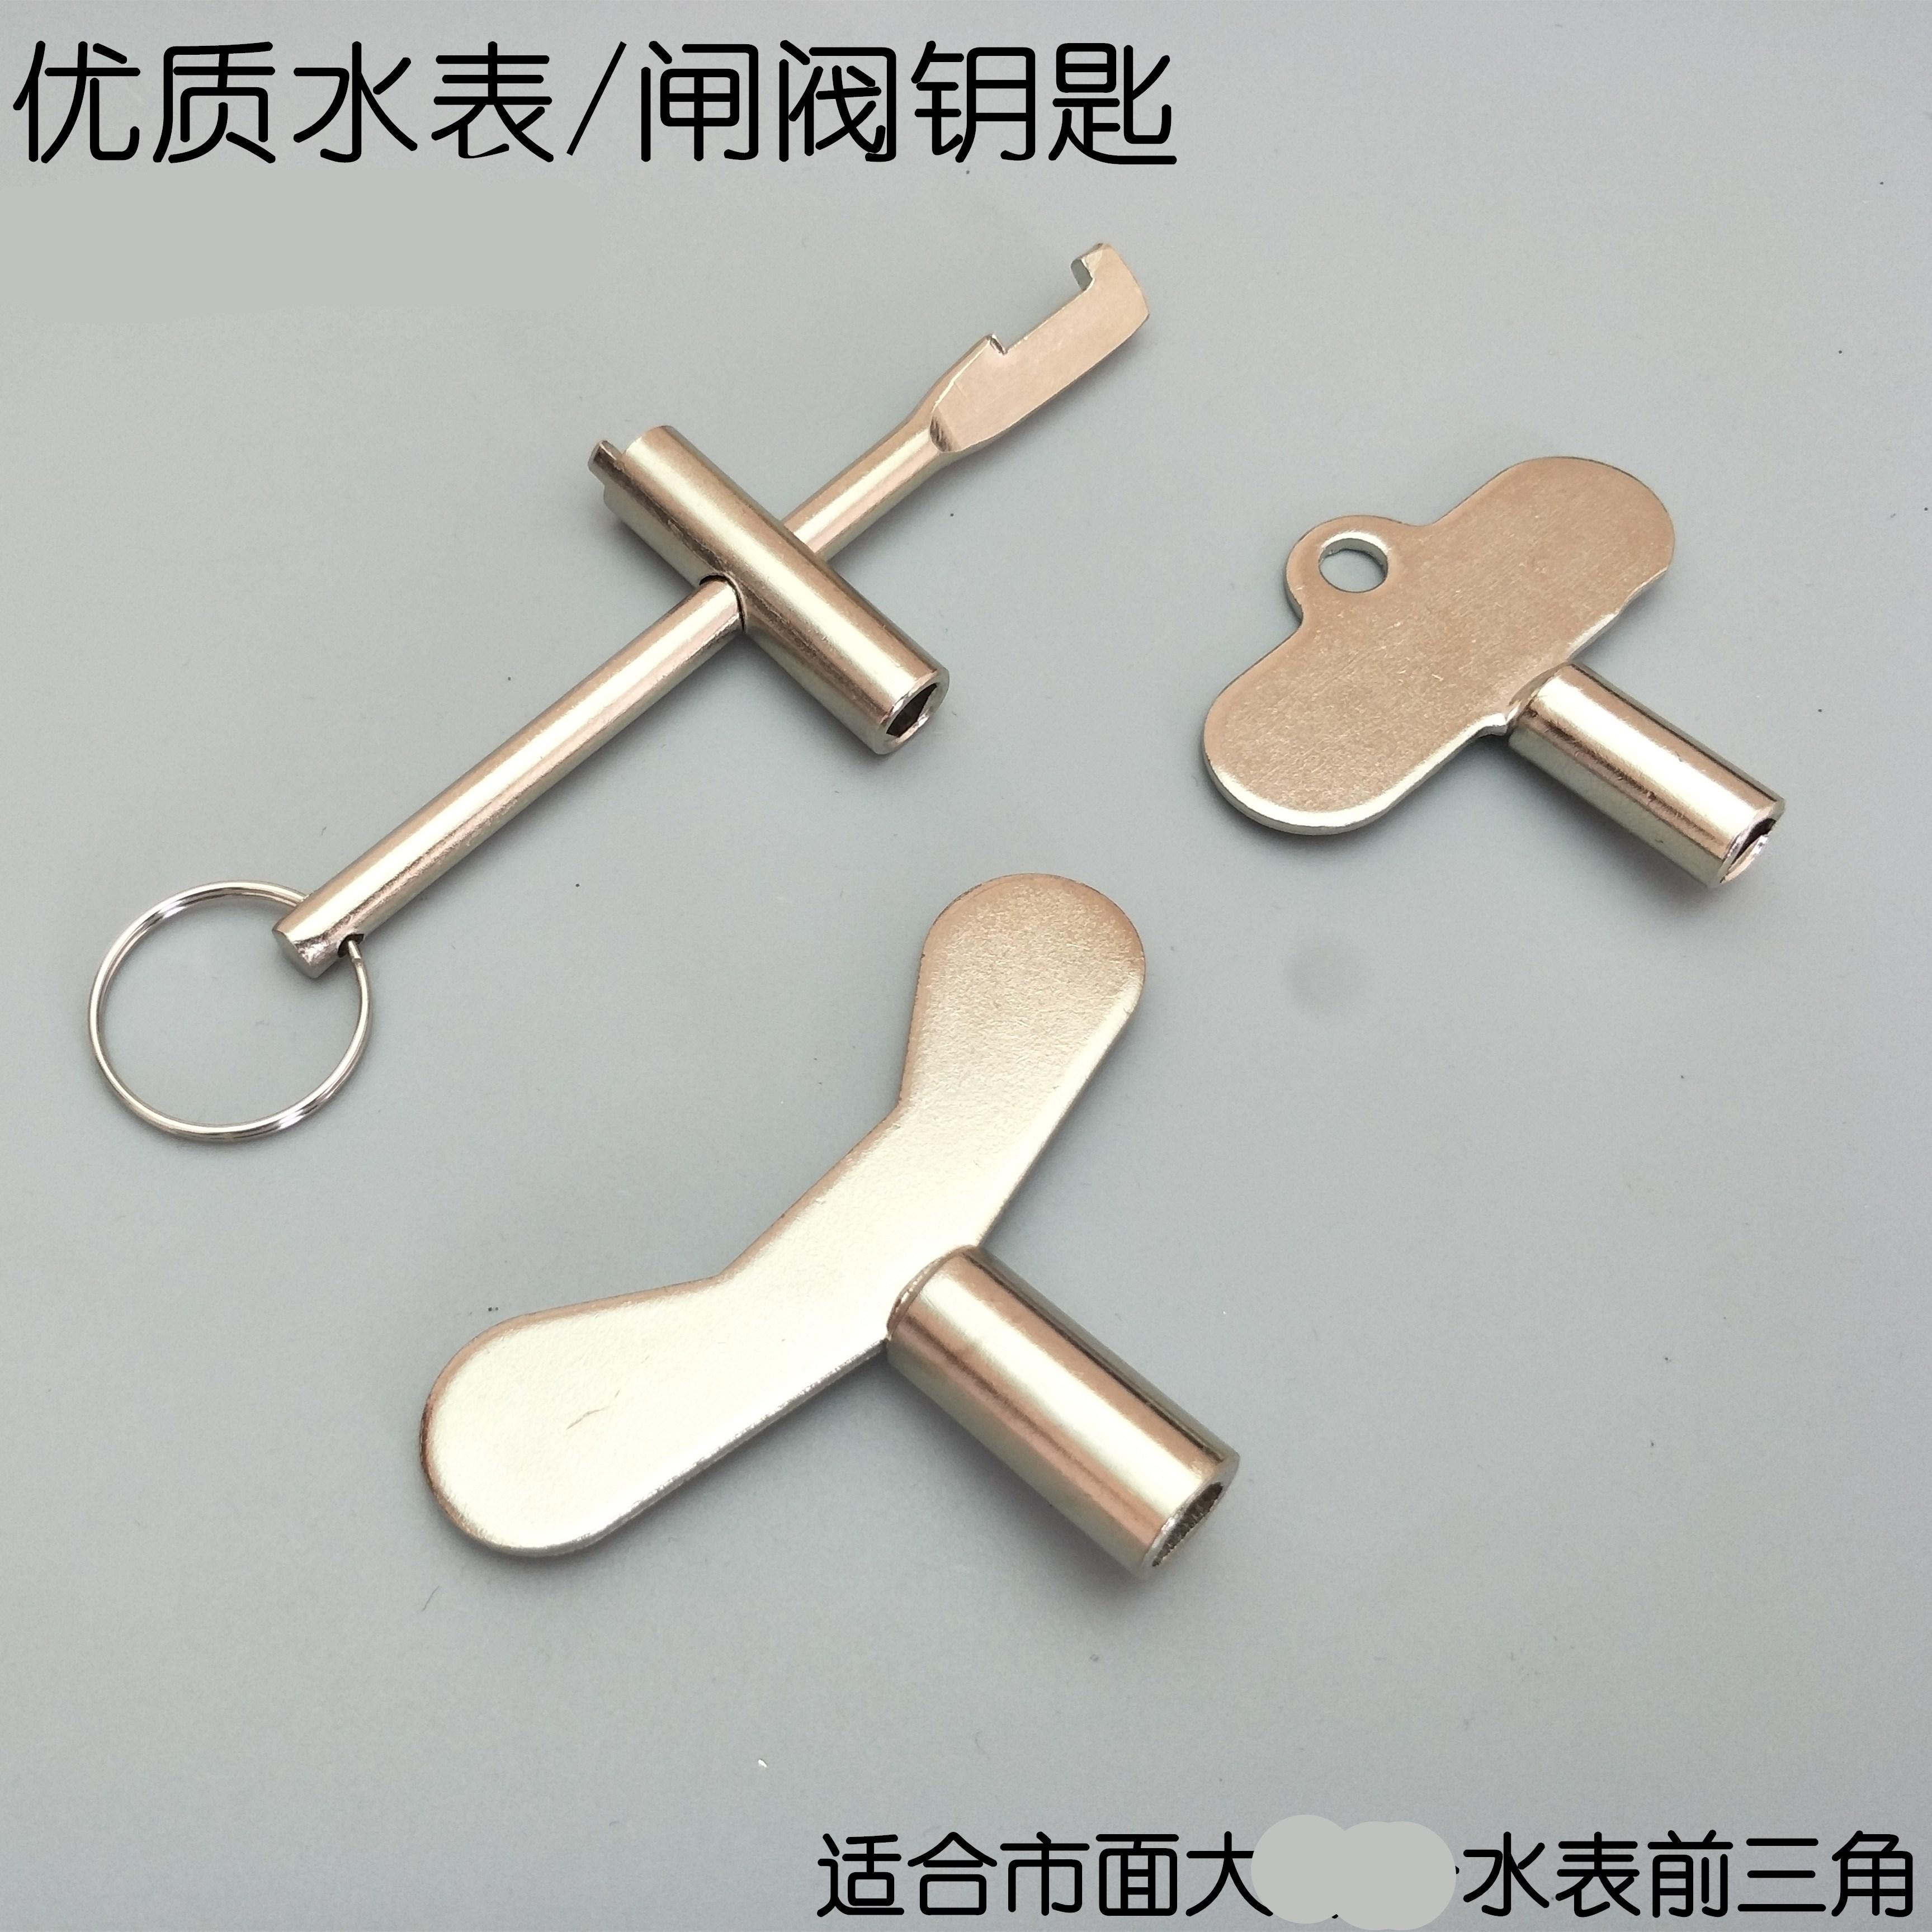 闭三角形门阀门锁闸阀水管开关水表门起子内前阀门钥匙其他阀门